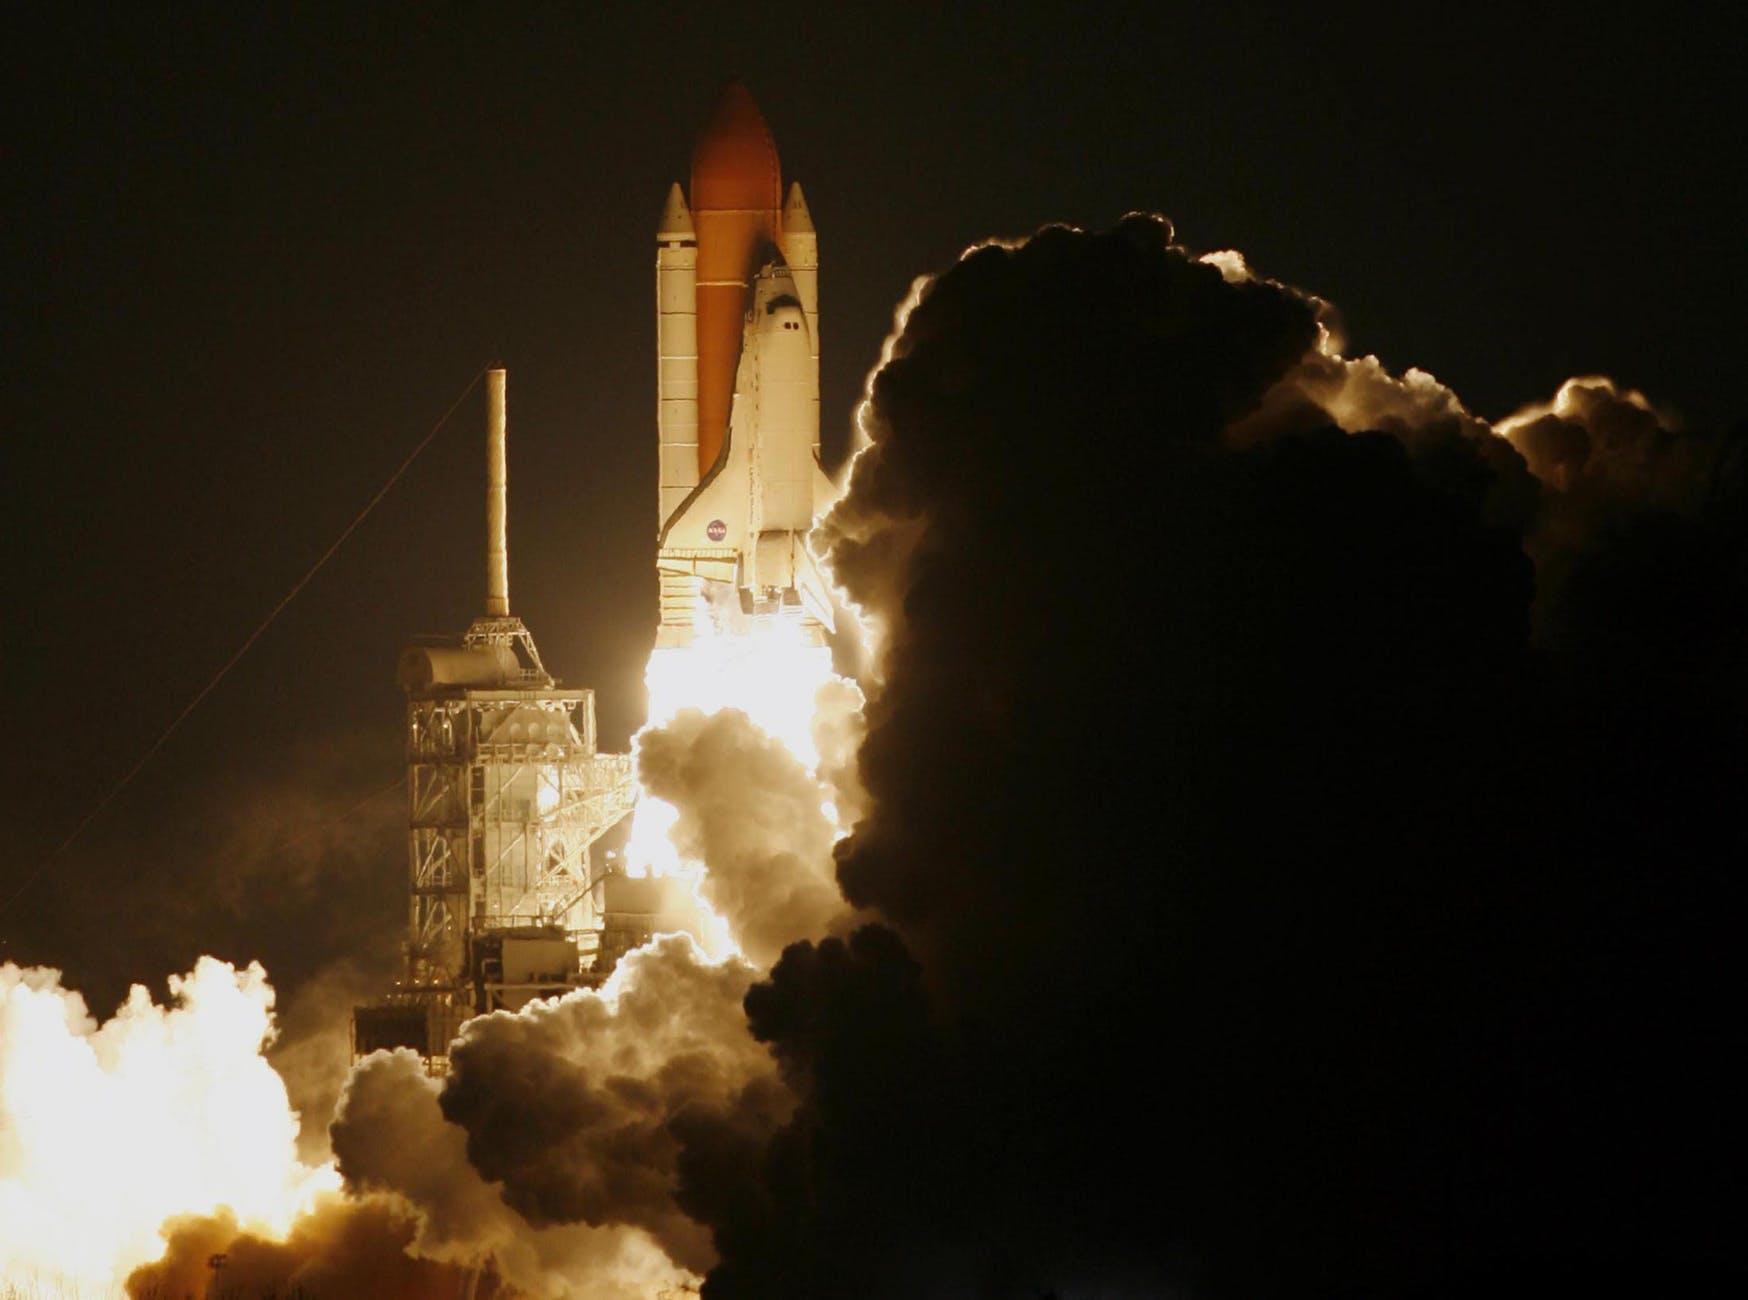 rocket-lift-off-liftoff-astronautics-87089